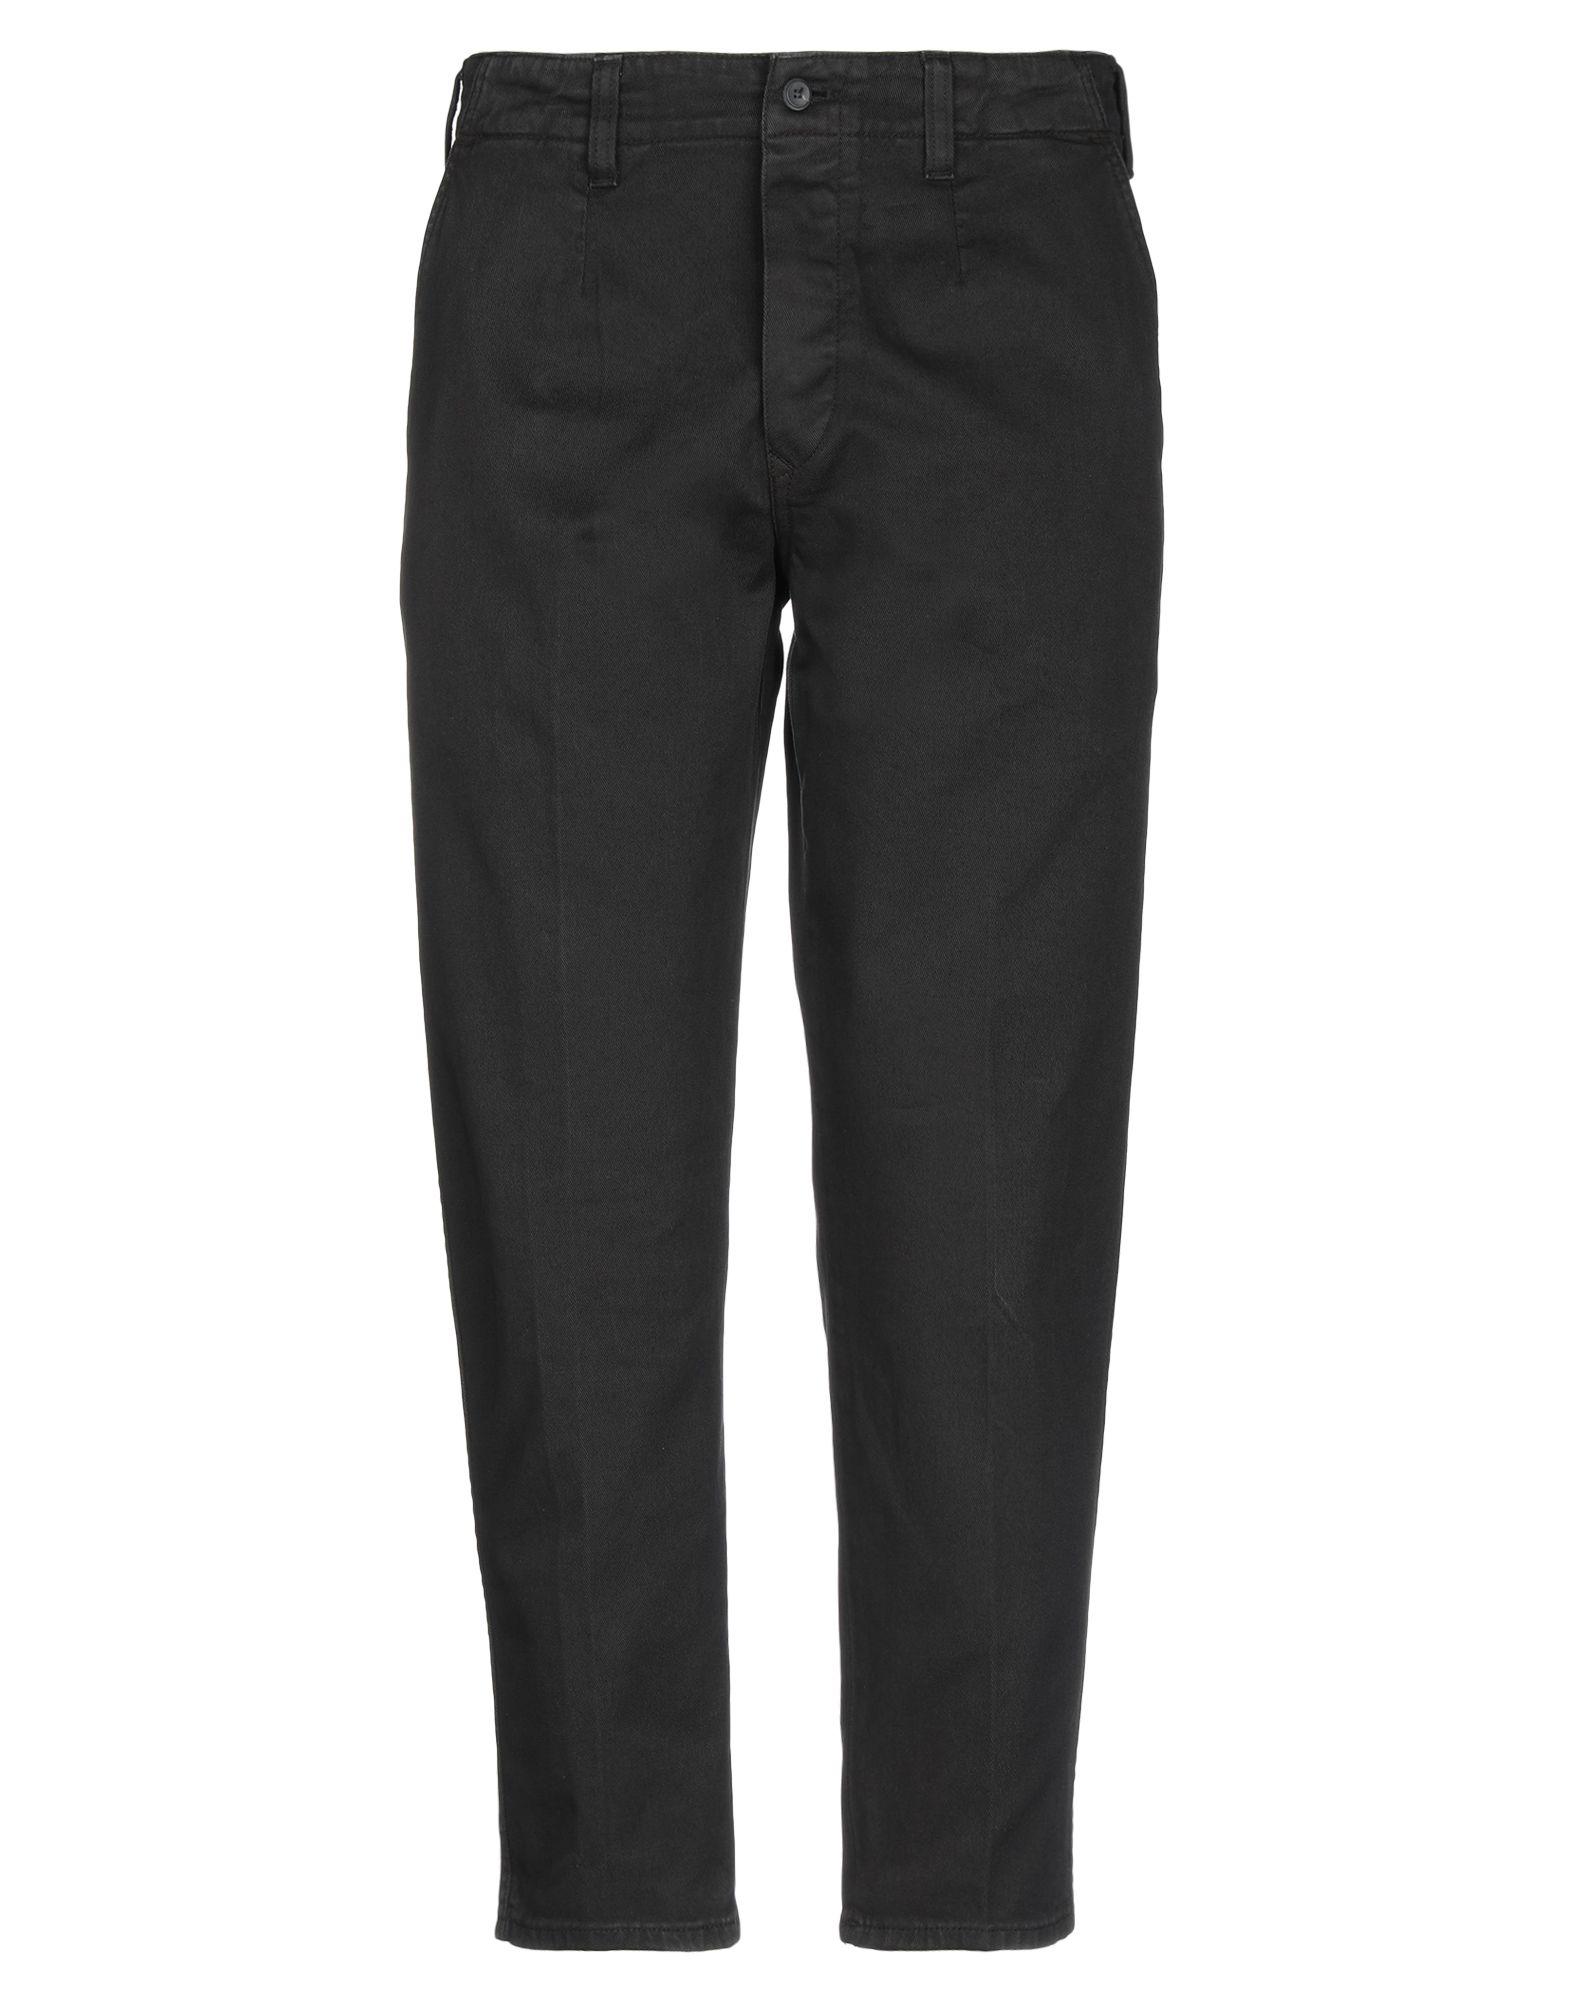 《セール開催中》DON THE FULLER メンズ パンツ ブラック 33 コットン 98% / ポリウレタン 2%